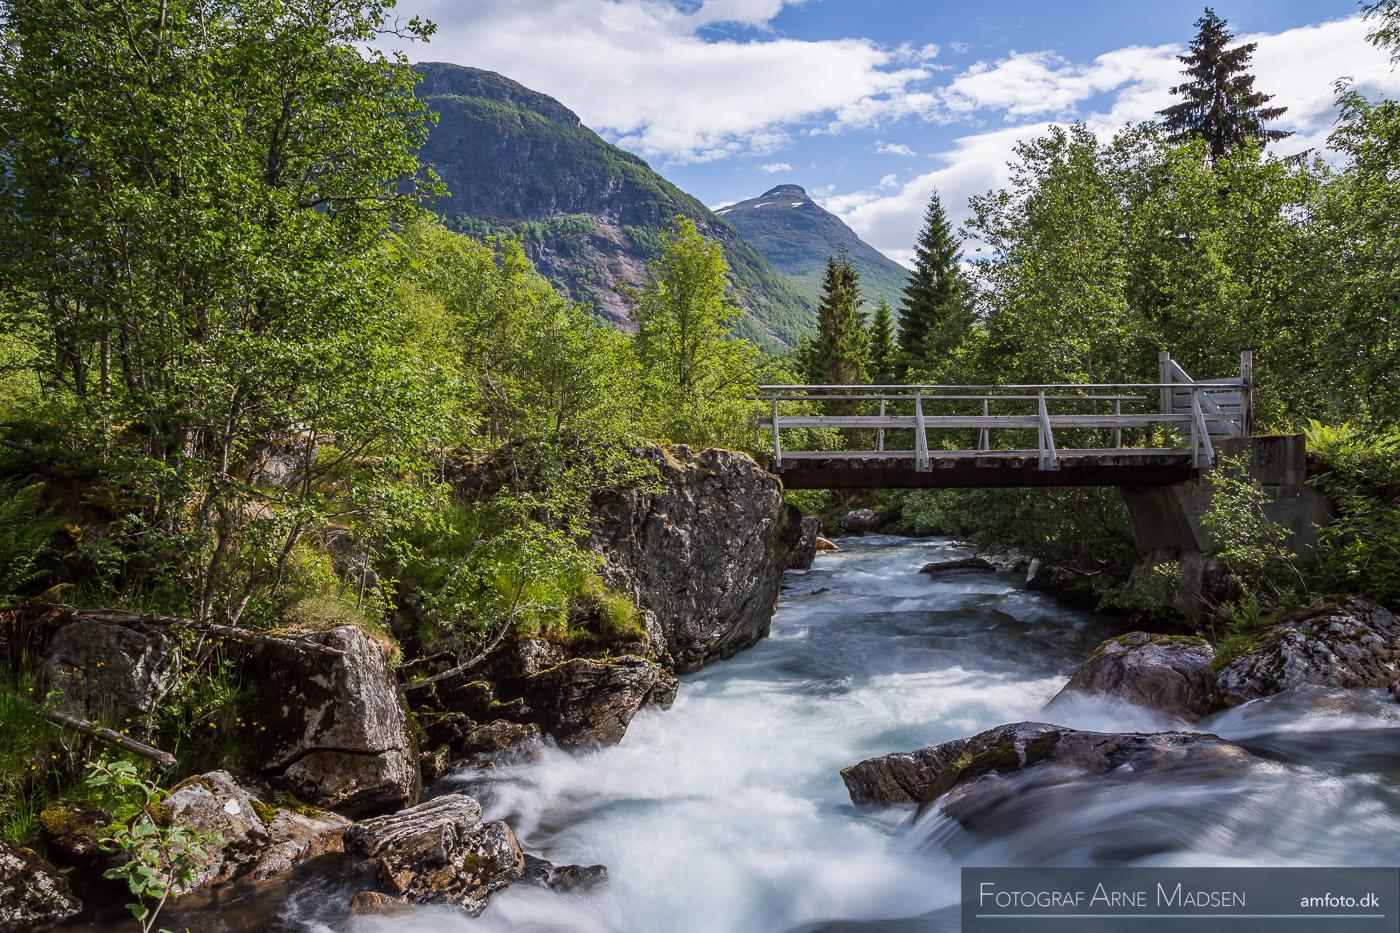 AMFOTO_2016_Norge_Hellesylt-795